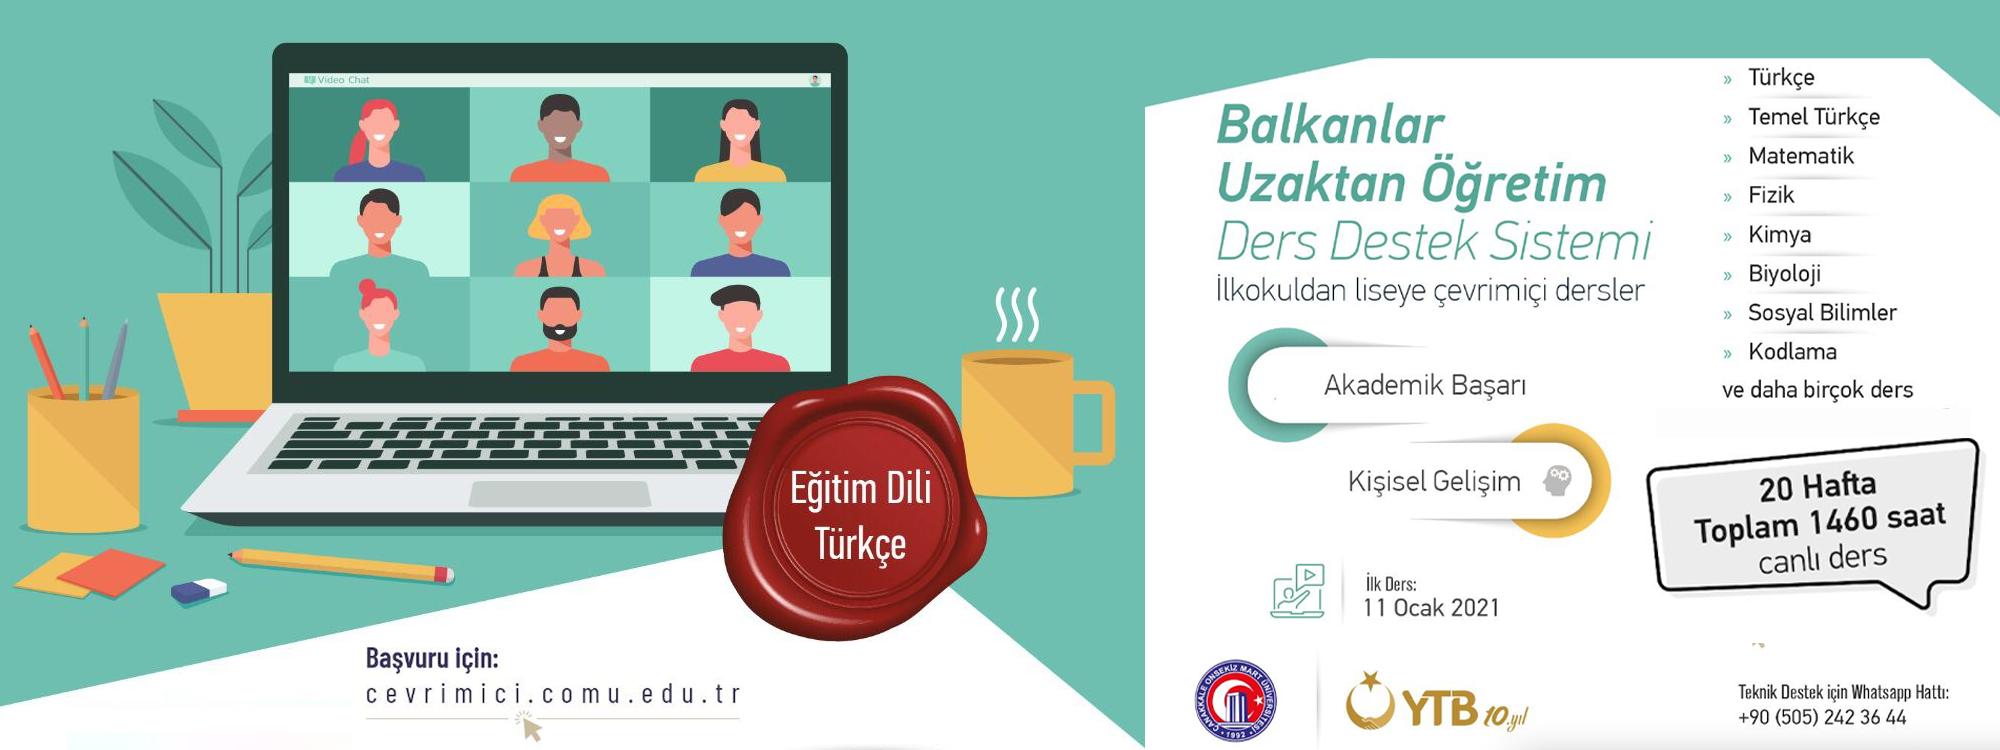 Balkanlar Uzaktan Öğretim Ders Destek Sistemi